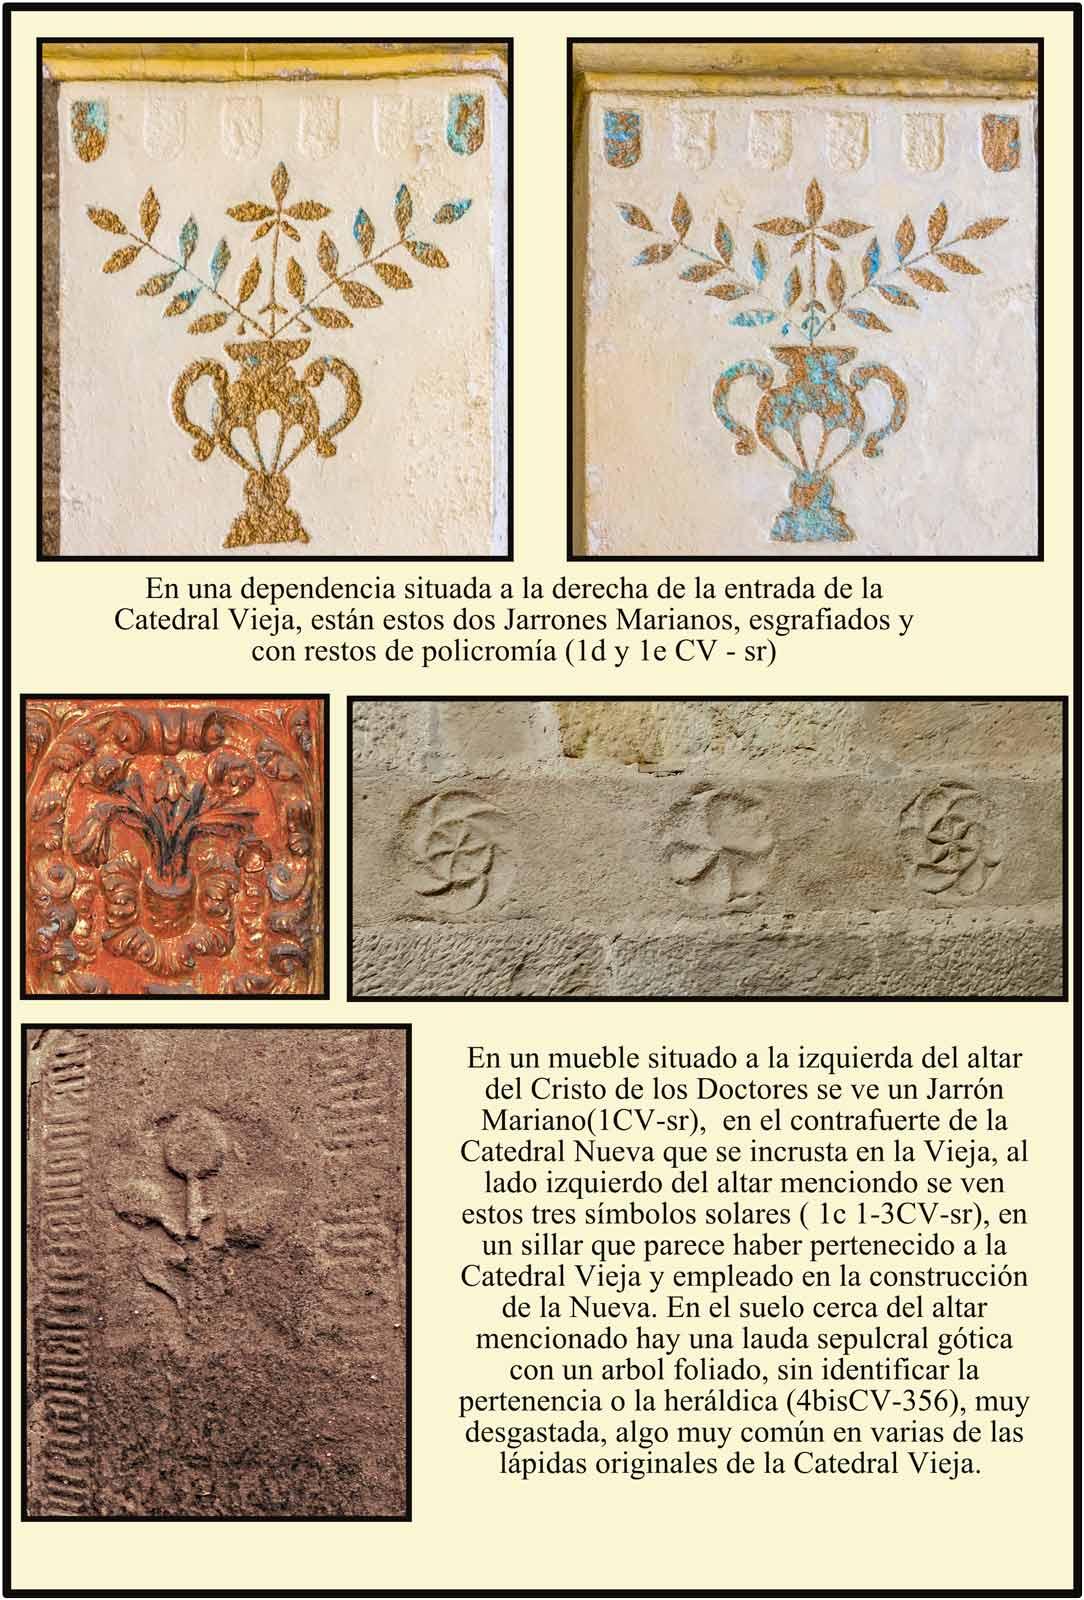 Catedral Vieja simbolos solares y jarrones marianos